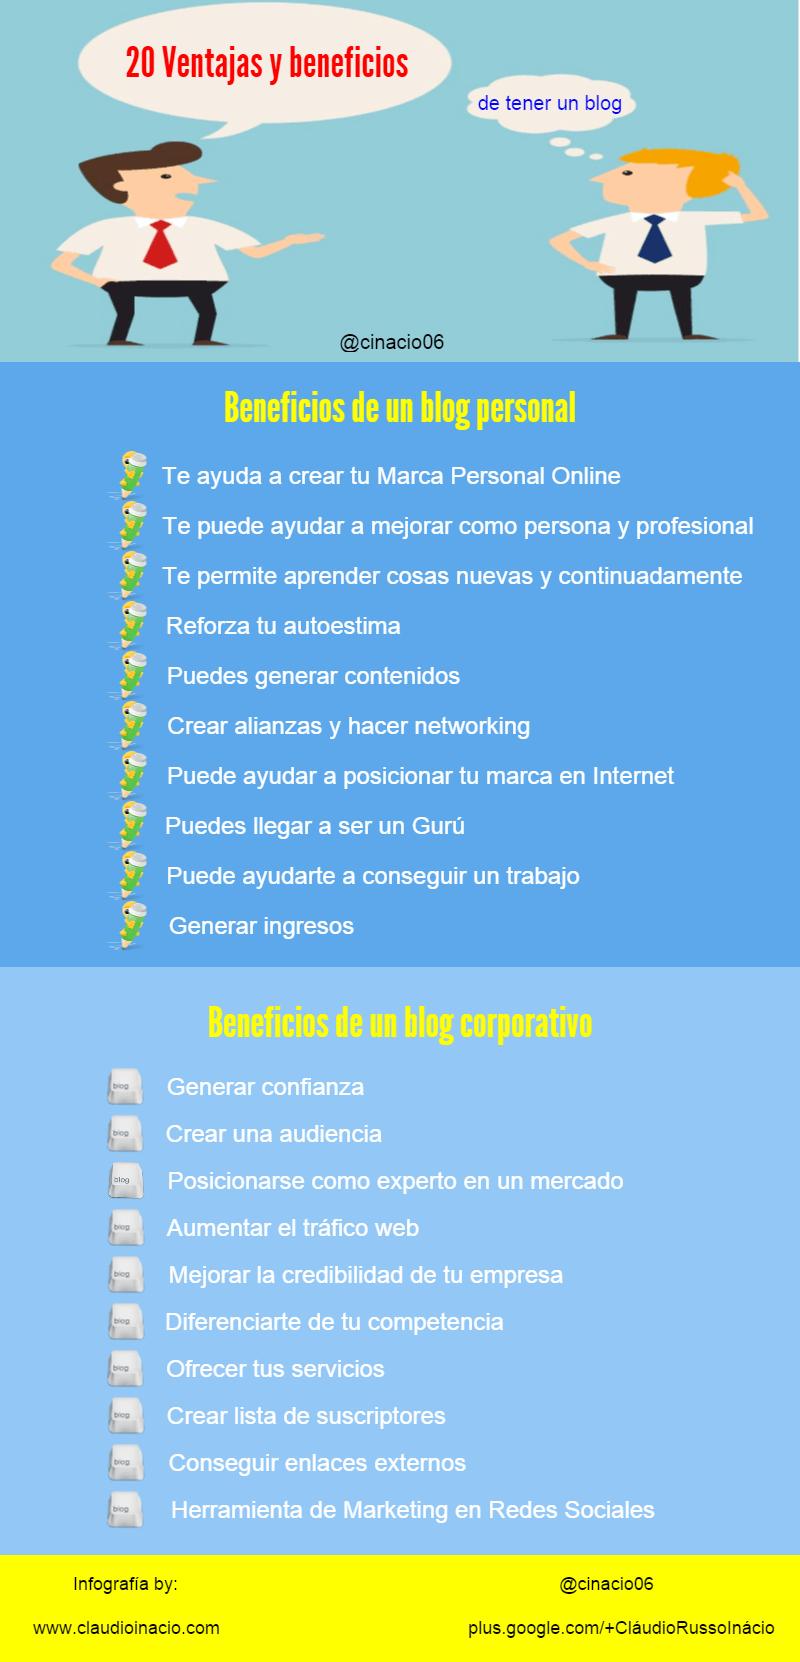 infografia beneficios de tener un blog